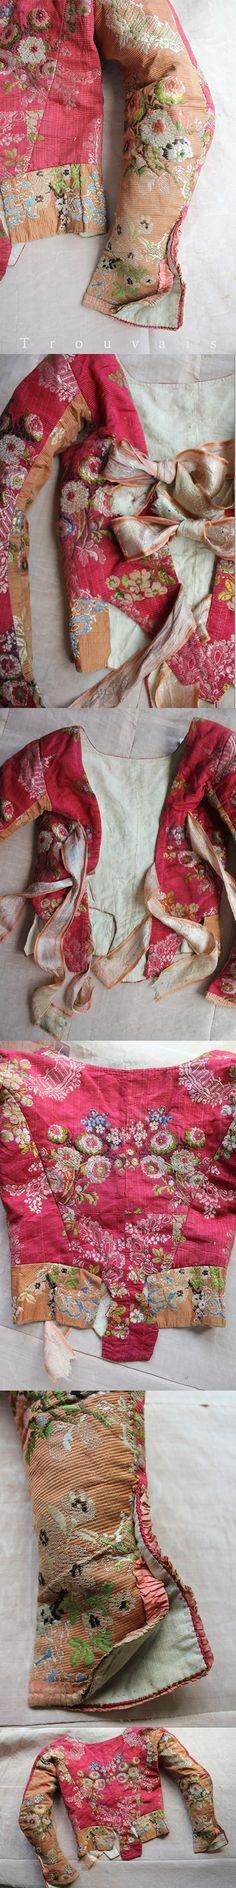 18th c French Silk Caraco with Ribbons, Paris. Original silk ribbons to close at…